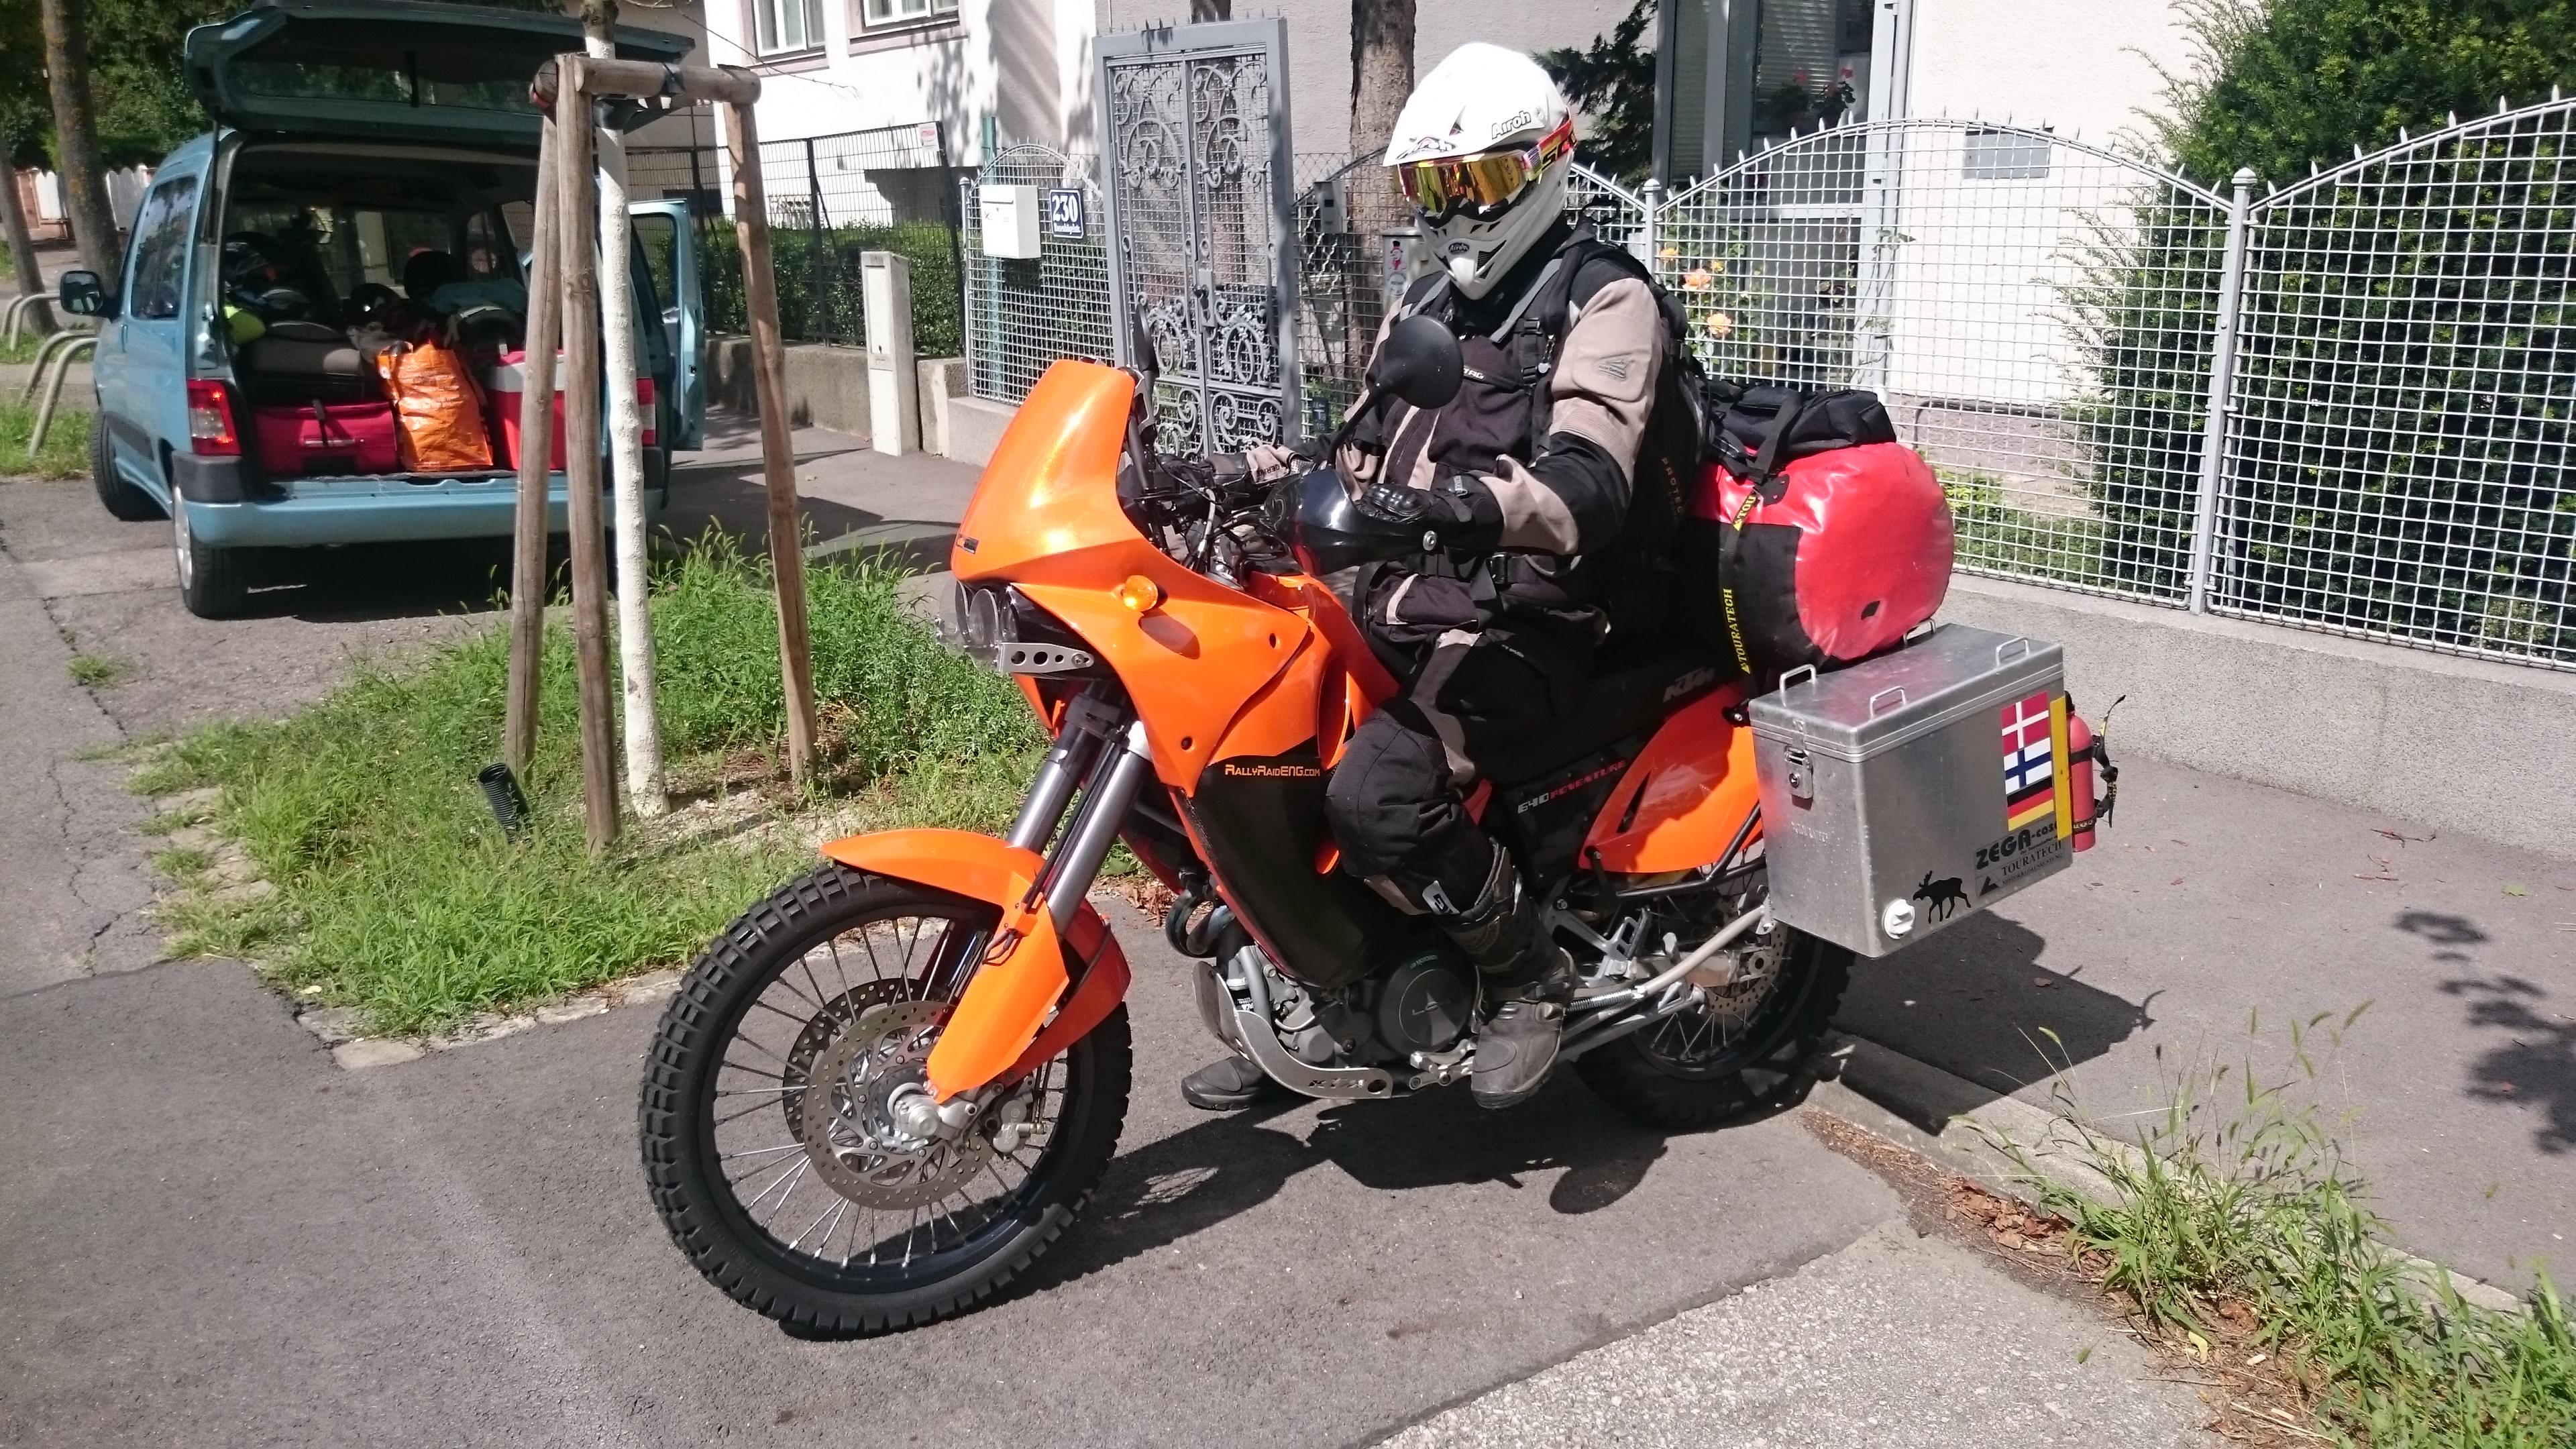 Experten sehen gleich: Das Moped liegt zu tief!